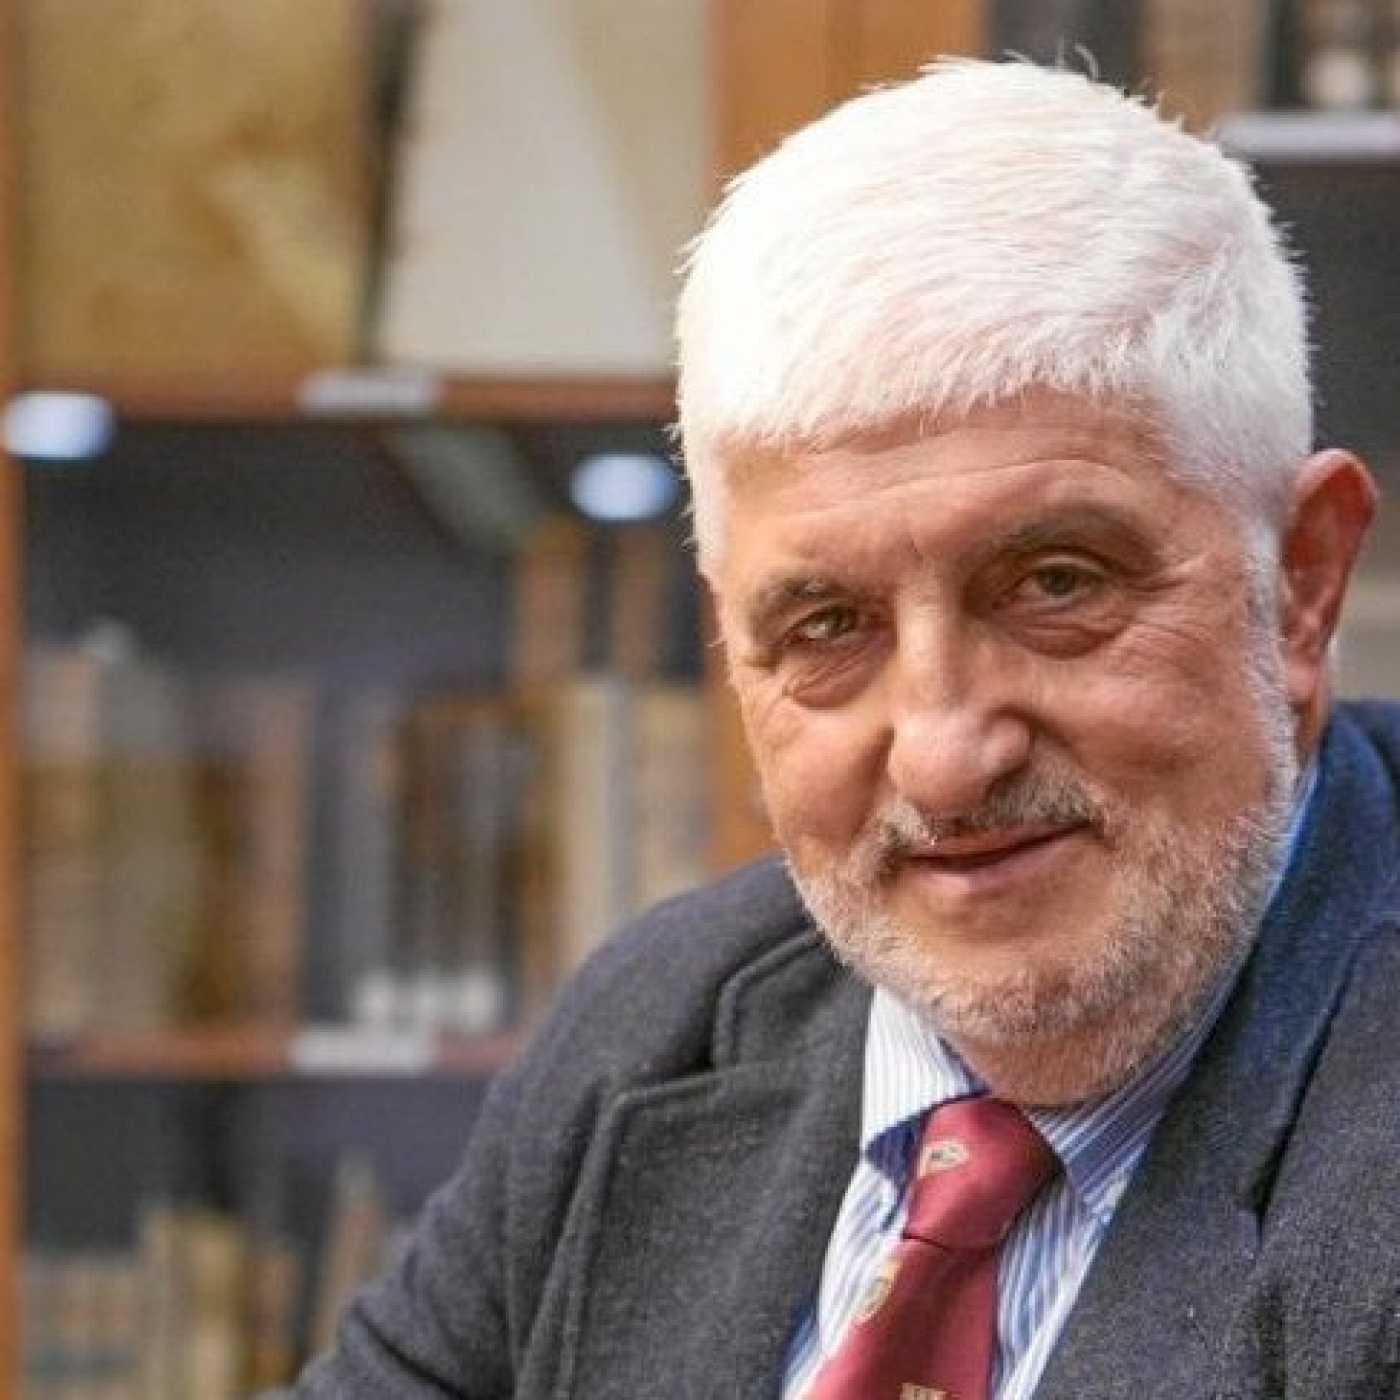 Són 4 dies - La seguretat de les vacunes, Dr. Moraga-Llop, vice-president Associació Espanyola Vacunologia - Escuchar ahora